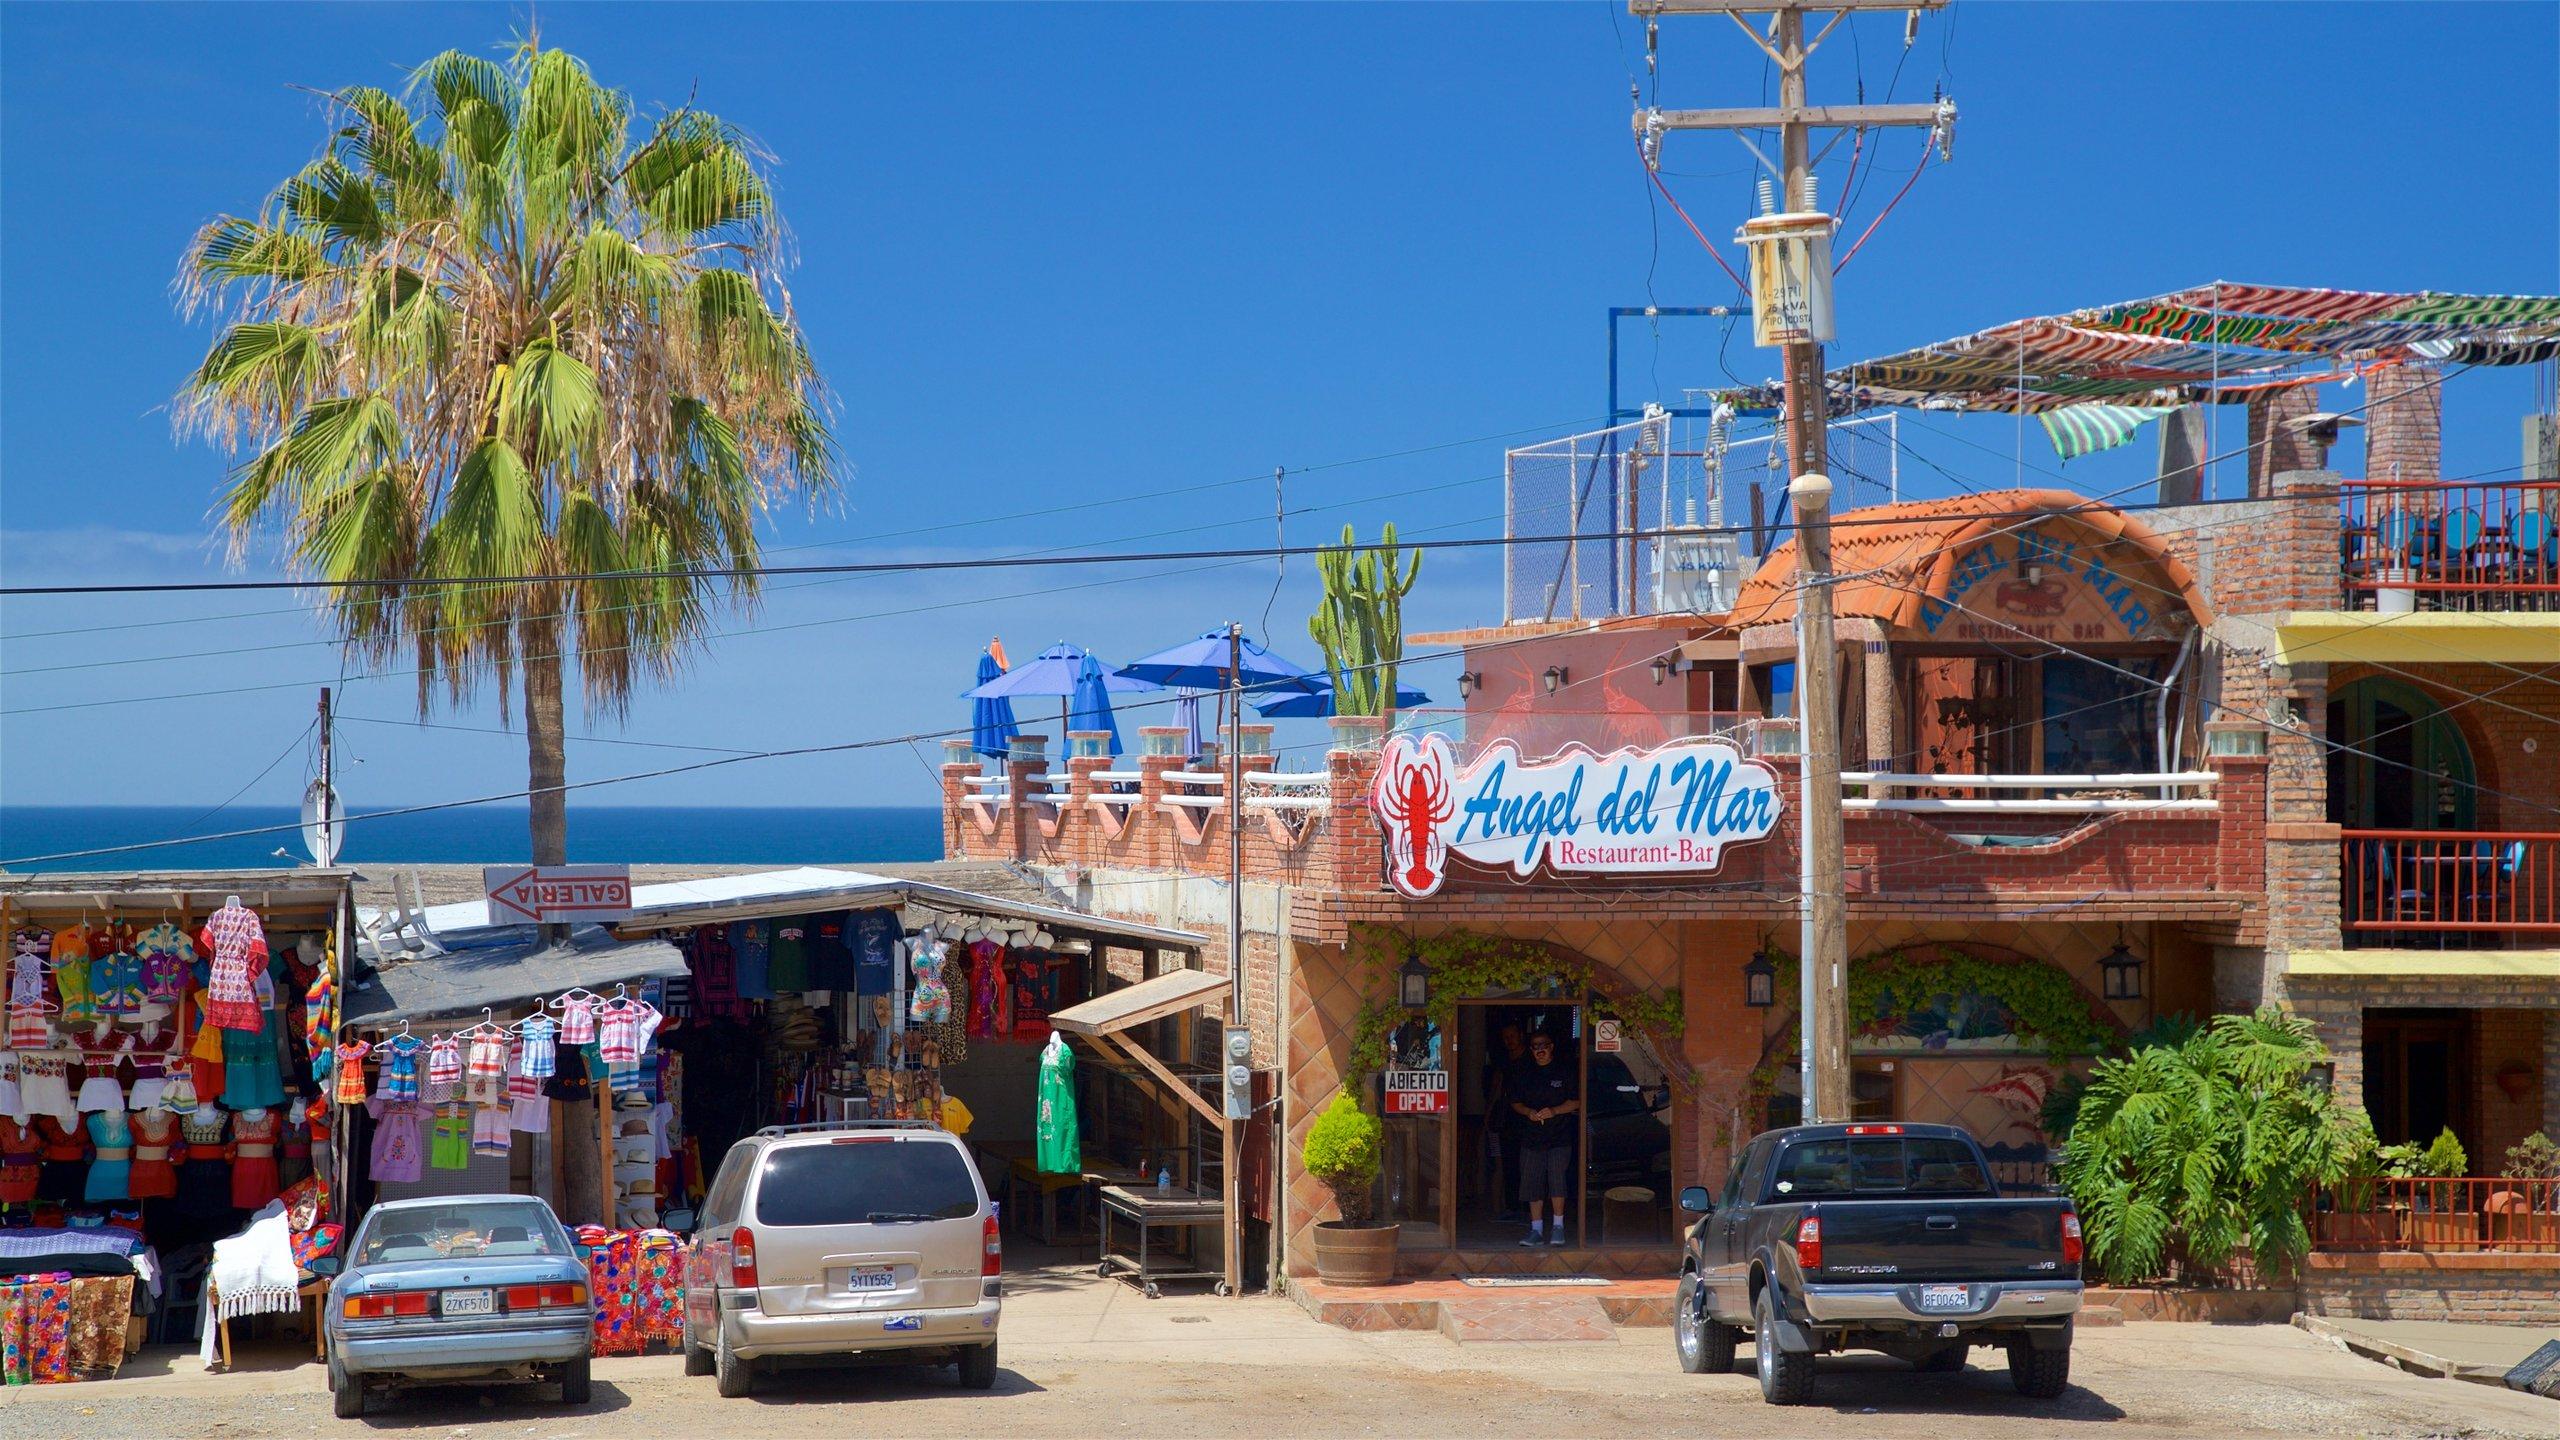 Ensenada, Baja California, Mexico